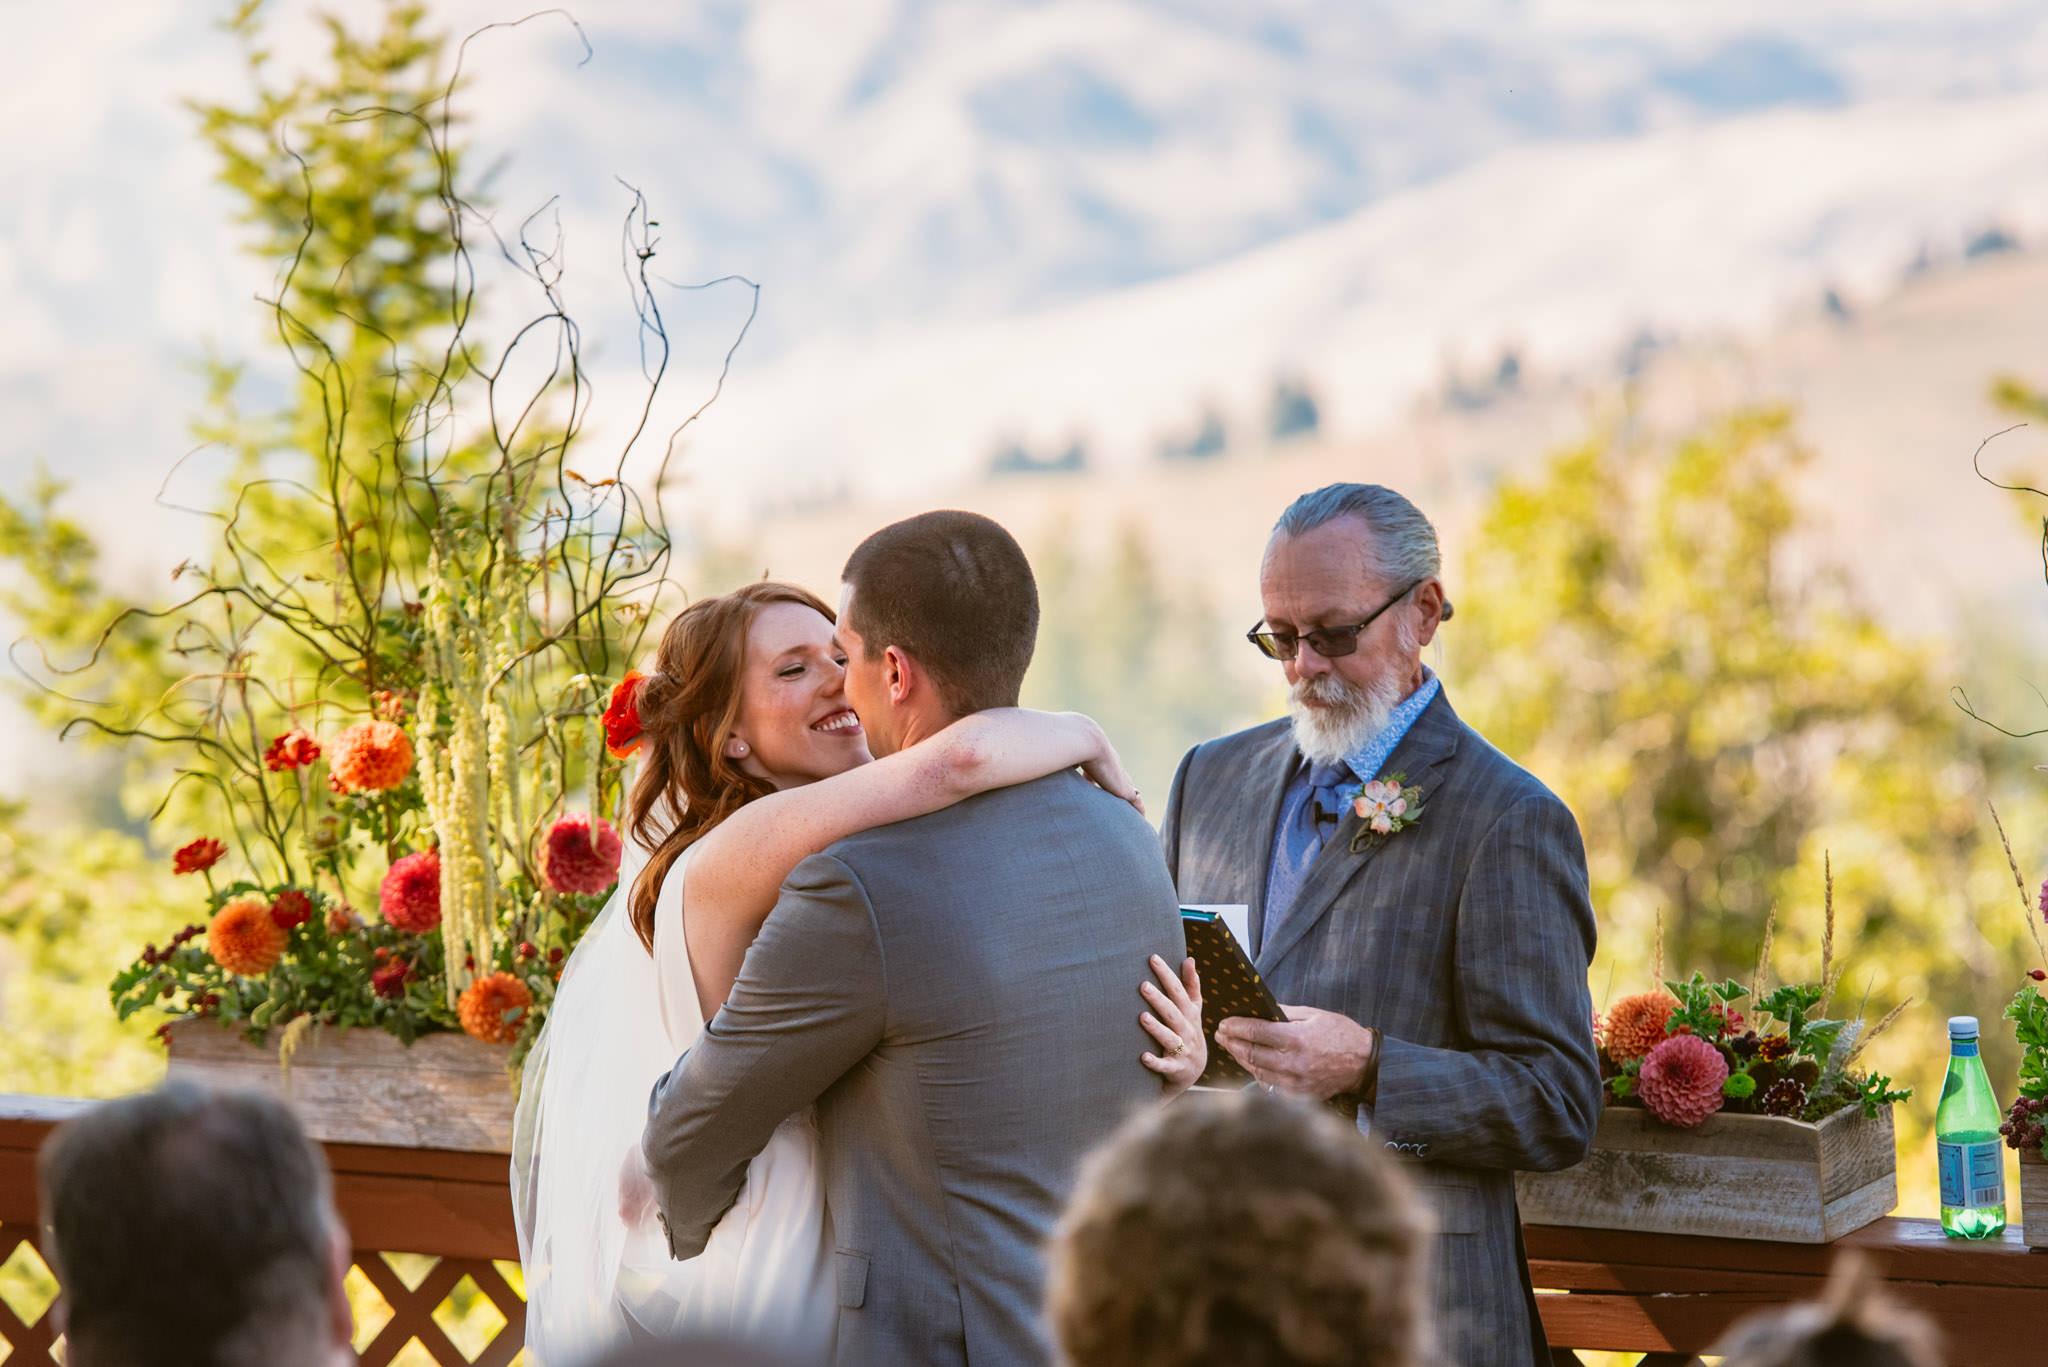 Zilla Photography - Bogus Basin Idaho Outdoor Summer DIY Wedding-11.jpg